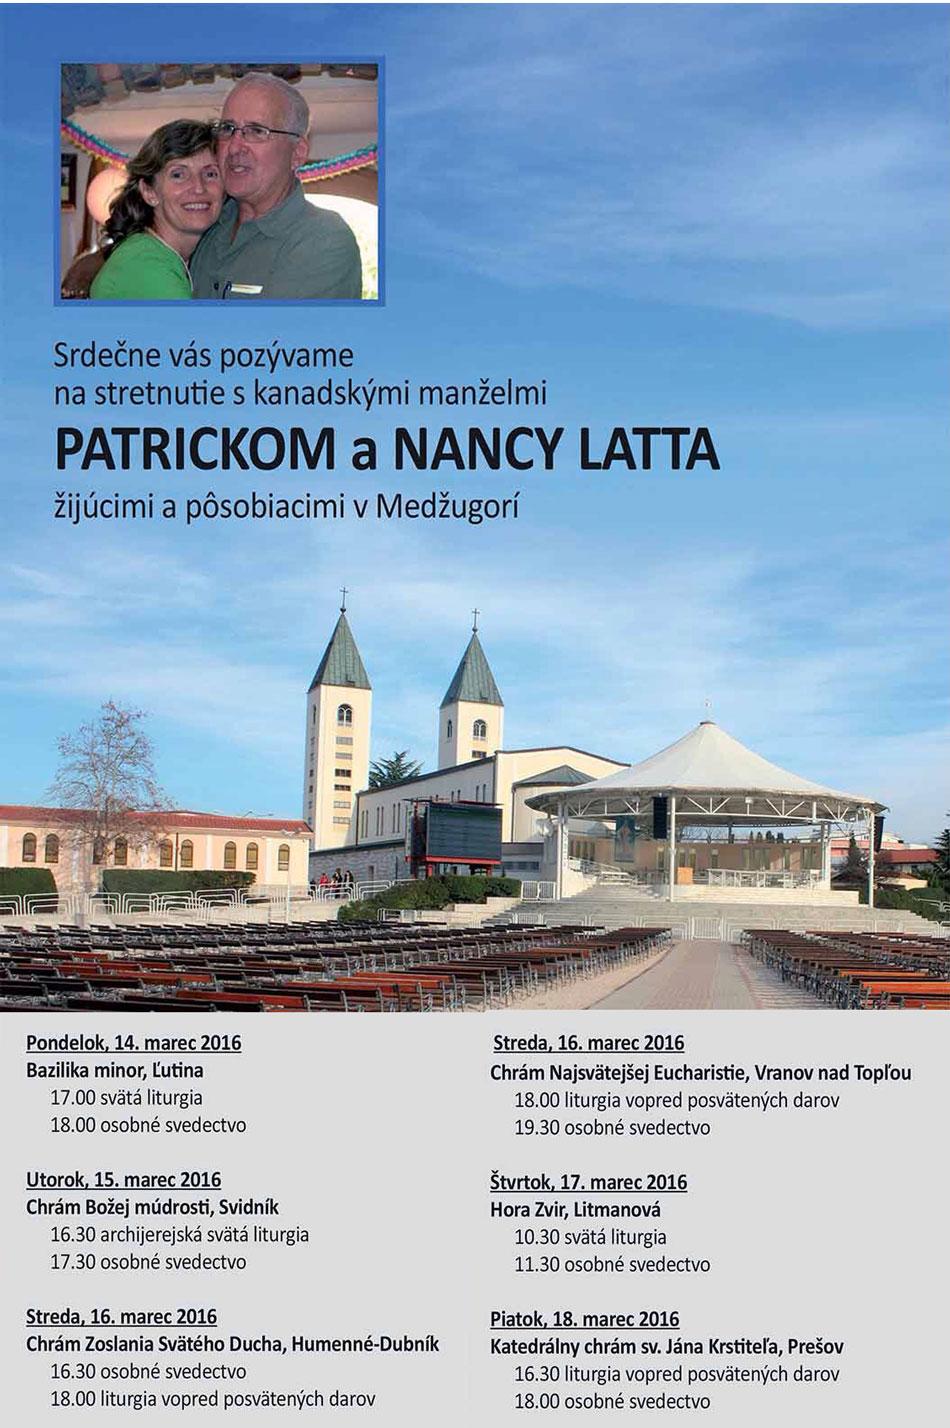 patrick_nancy_medjugorje